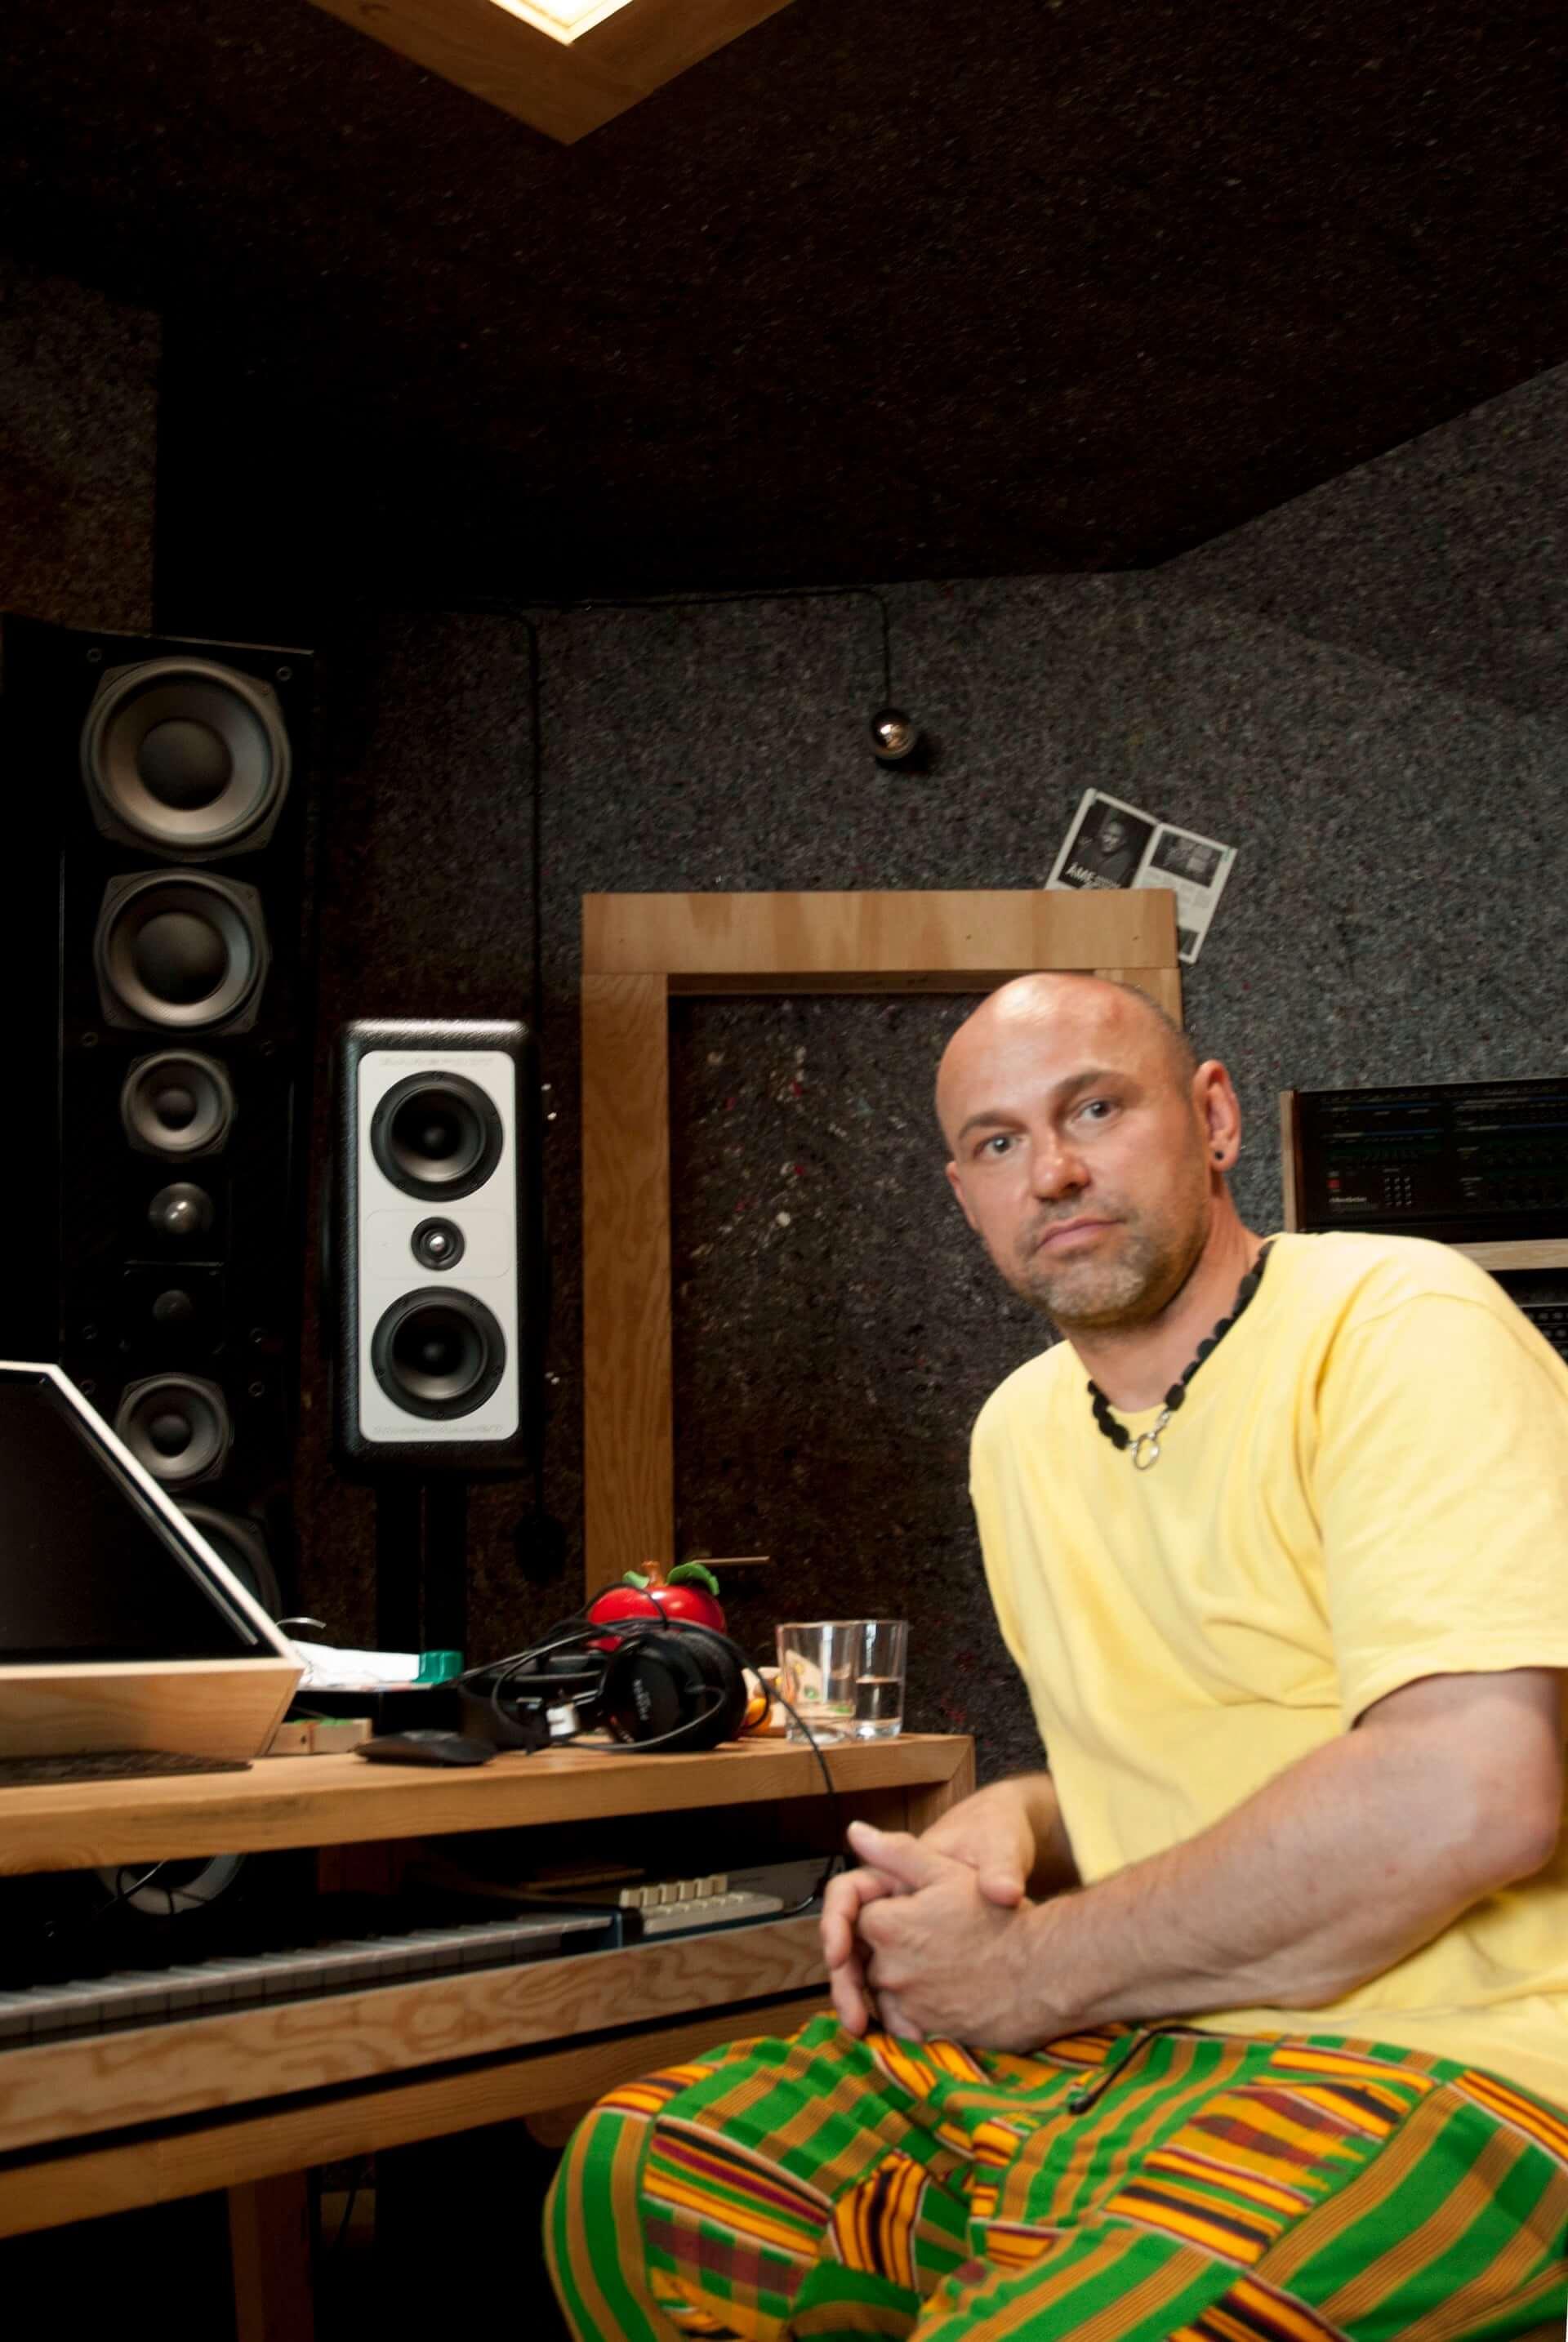 【インタビュー】ヘンリク・シュワルツ、弦楽四重奏とともに創り上げたアルバム『CCMYK』を語る interview190624interview-henrikschwarz_0729-1920x2868